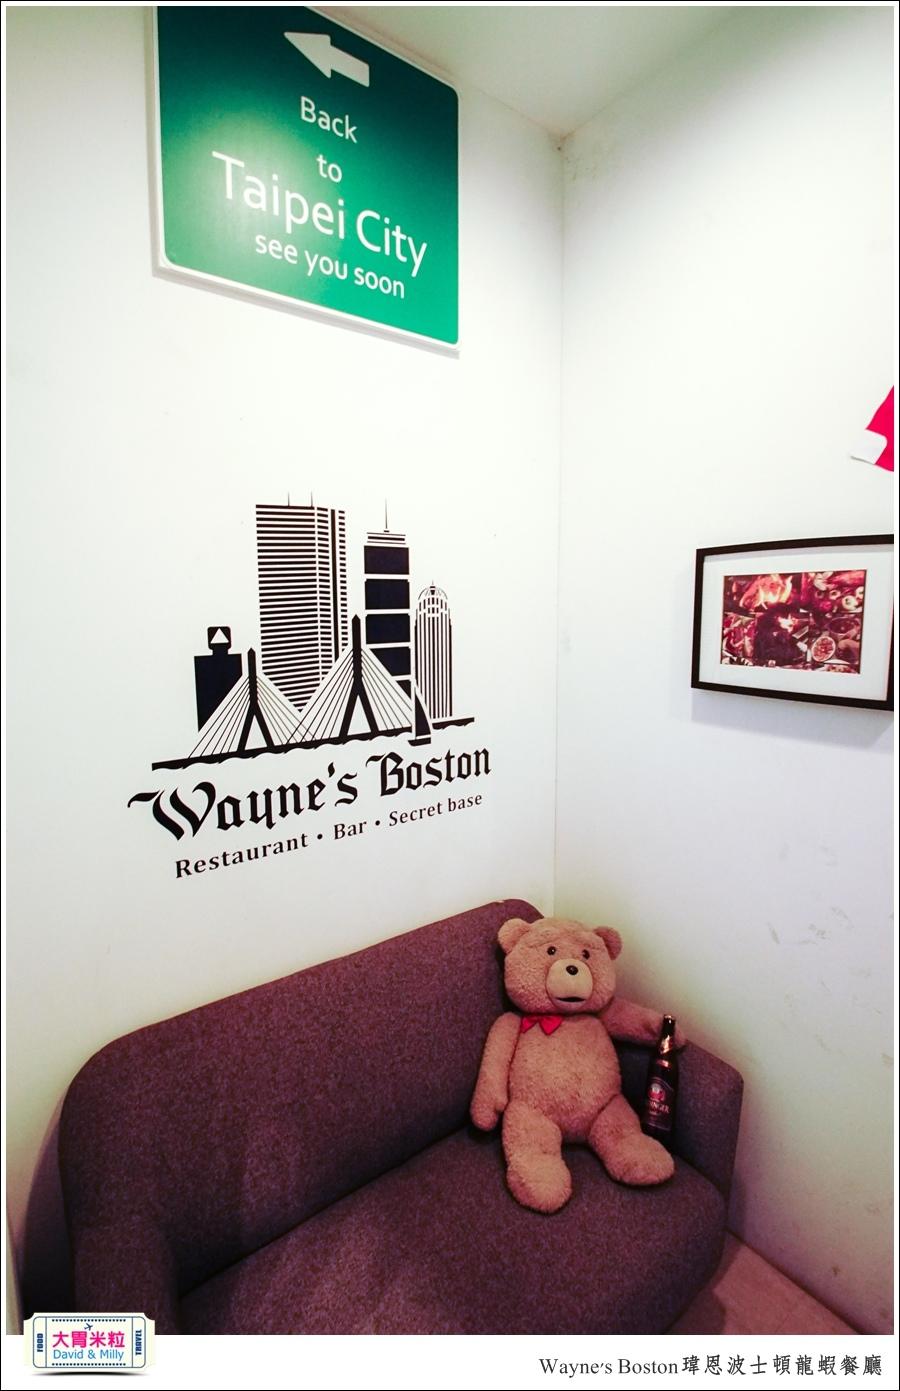 台北龍蝦餐廳推薦@Wayne's Boston瑋恩波士頓龍蝦餐酒館@大胃米粒0006.jpg